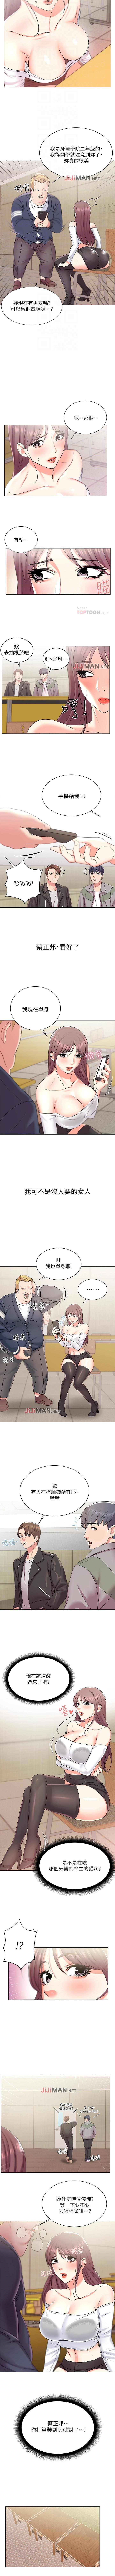 【周三连载】超市的漂亮姐姐(作者:北鼻&逃兵) 第1~20话 81